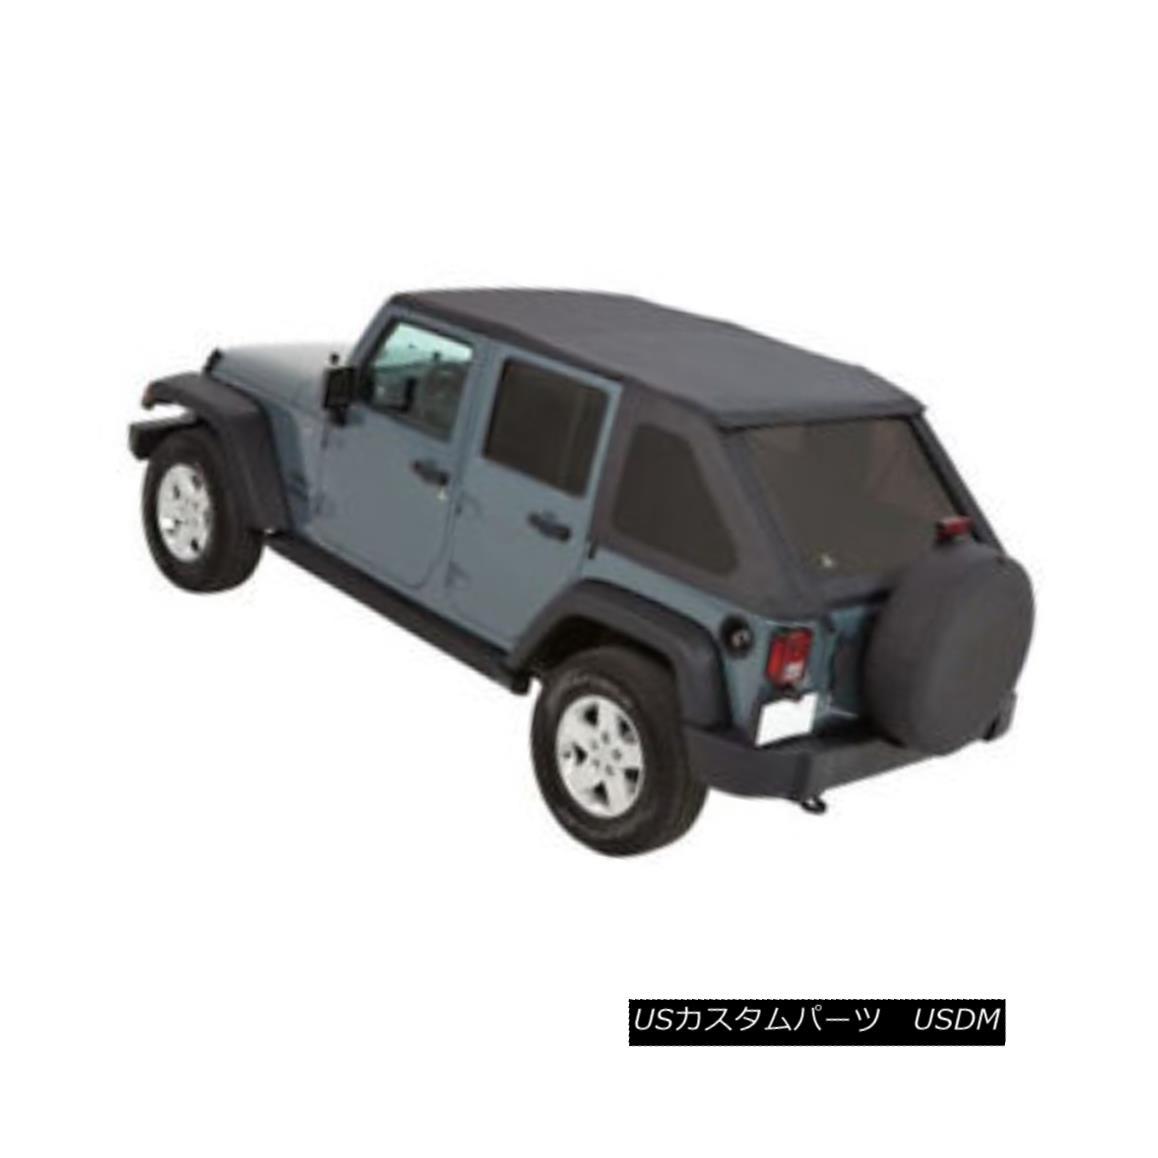 幌・ソフトトップ Pavement Ends 56845-35 Wrangler JK Frameless Soft Top Sprint 4-Door Jeep 2007-20 舗装端56845-35ラングラーJKフレームレスソフトトップスプリント4ドアジープ2007-20